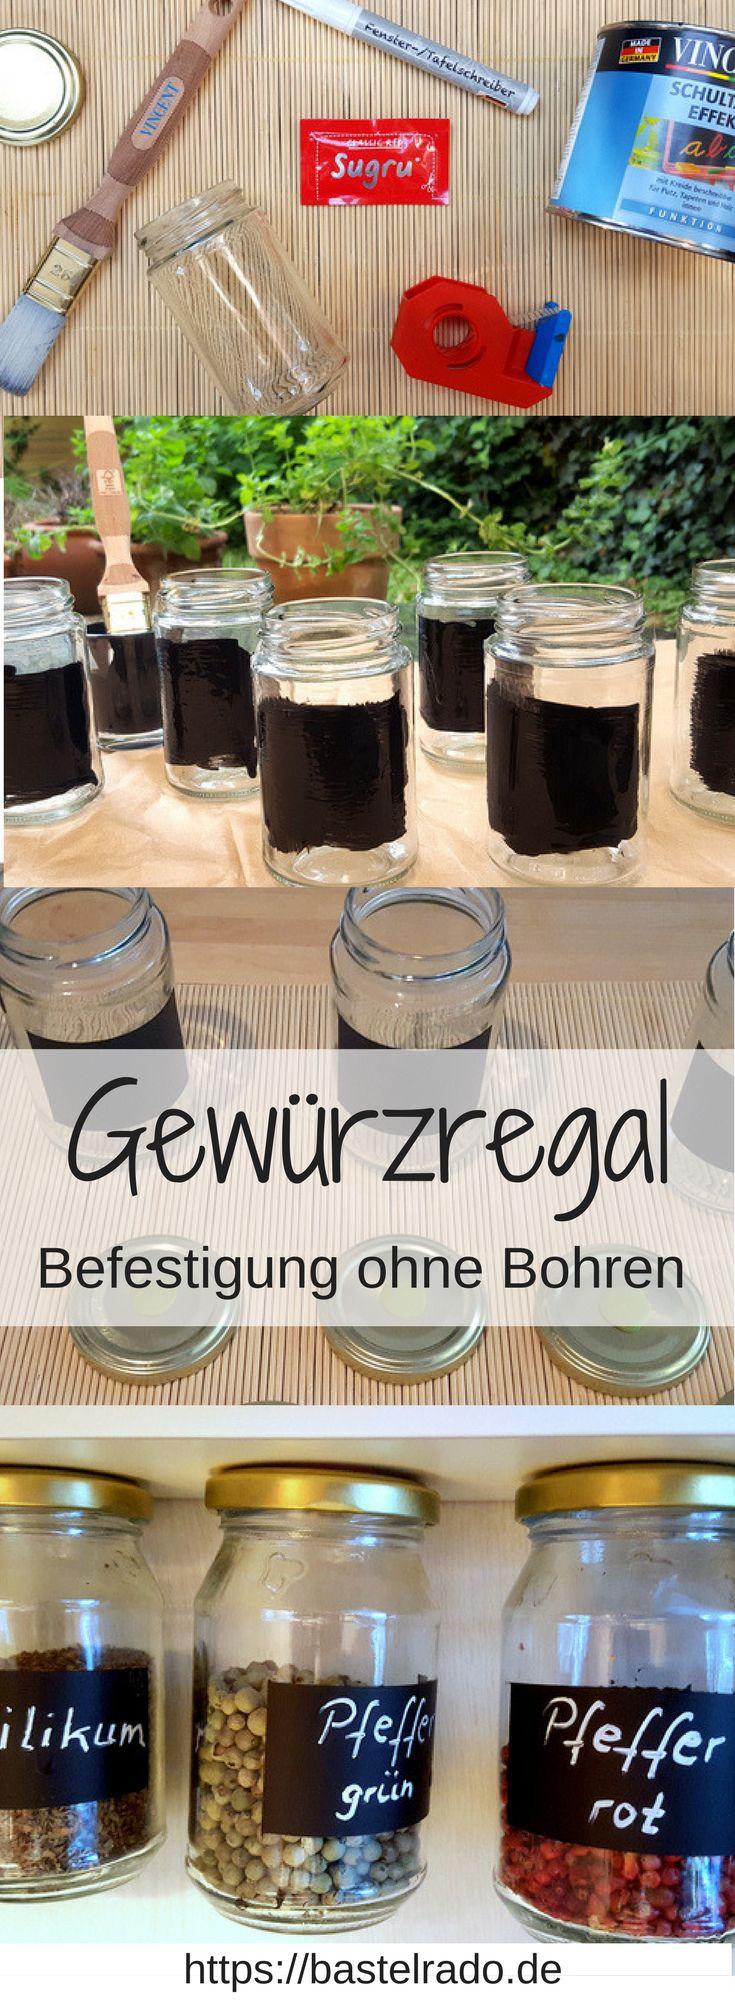 5620 besten diy ideen auf deutsch bilder auf pinterest diy ideen arbeitszimmer und auf deutsch. Black Bedroom Furniture Sets. Home Design Ideas